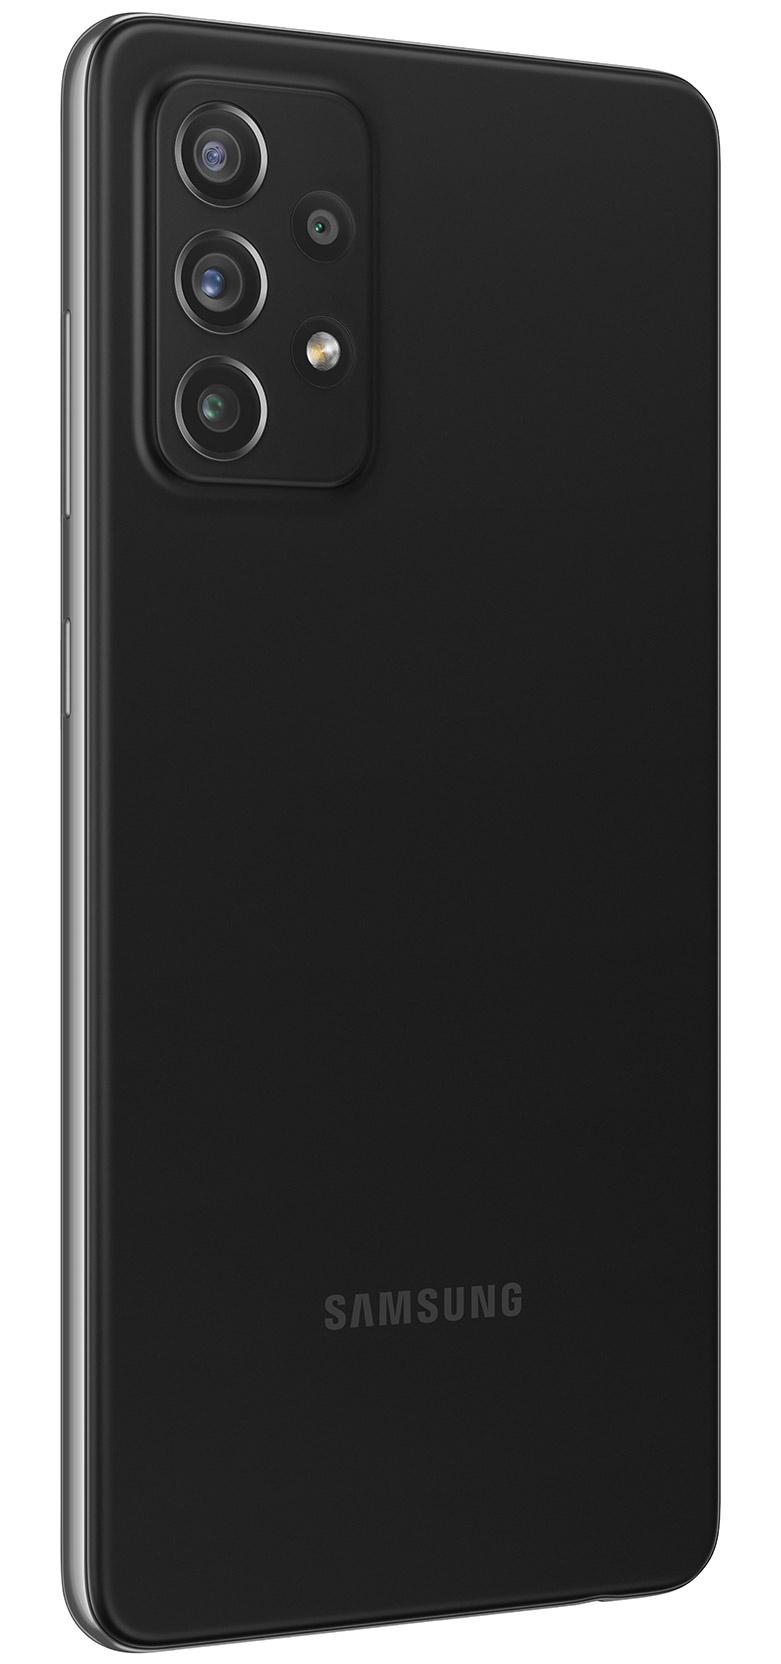 Samsung Galaxy A72 DS (SM-A725) 256GB Black - 4